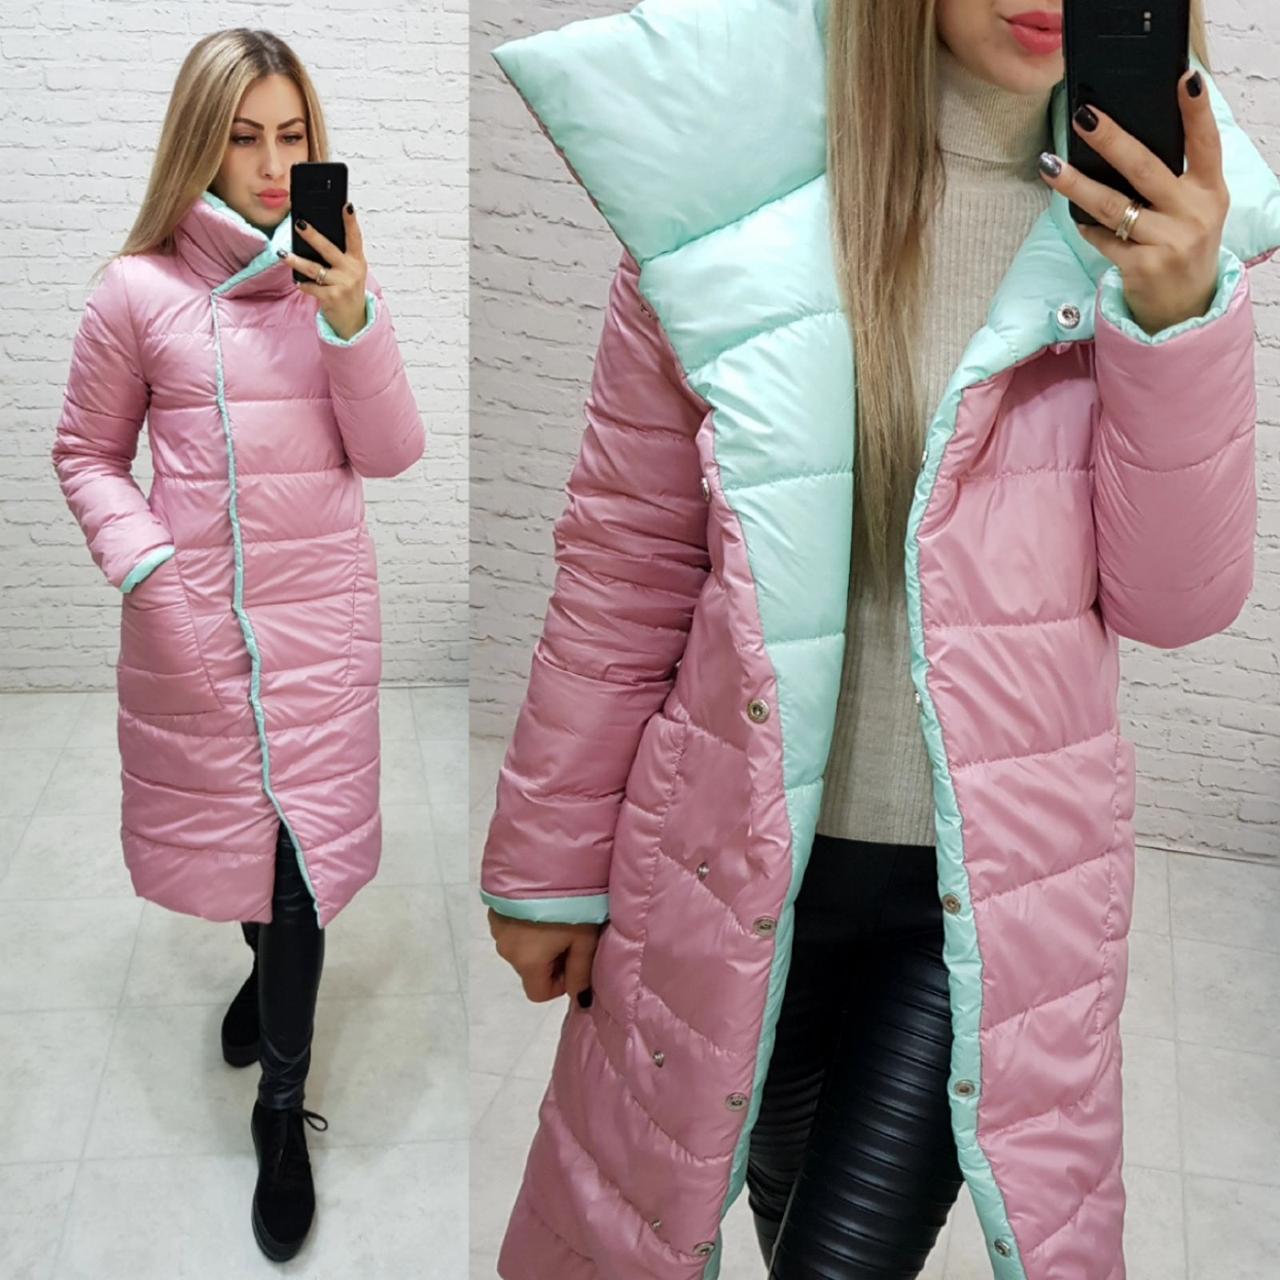 Пальто одеяло евро-зима двустороннее арт. 1006 розовая пудра + ментол